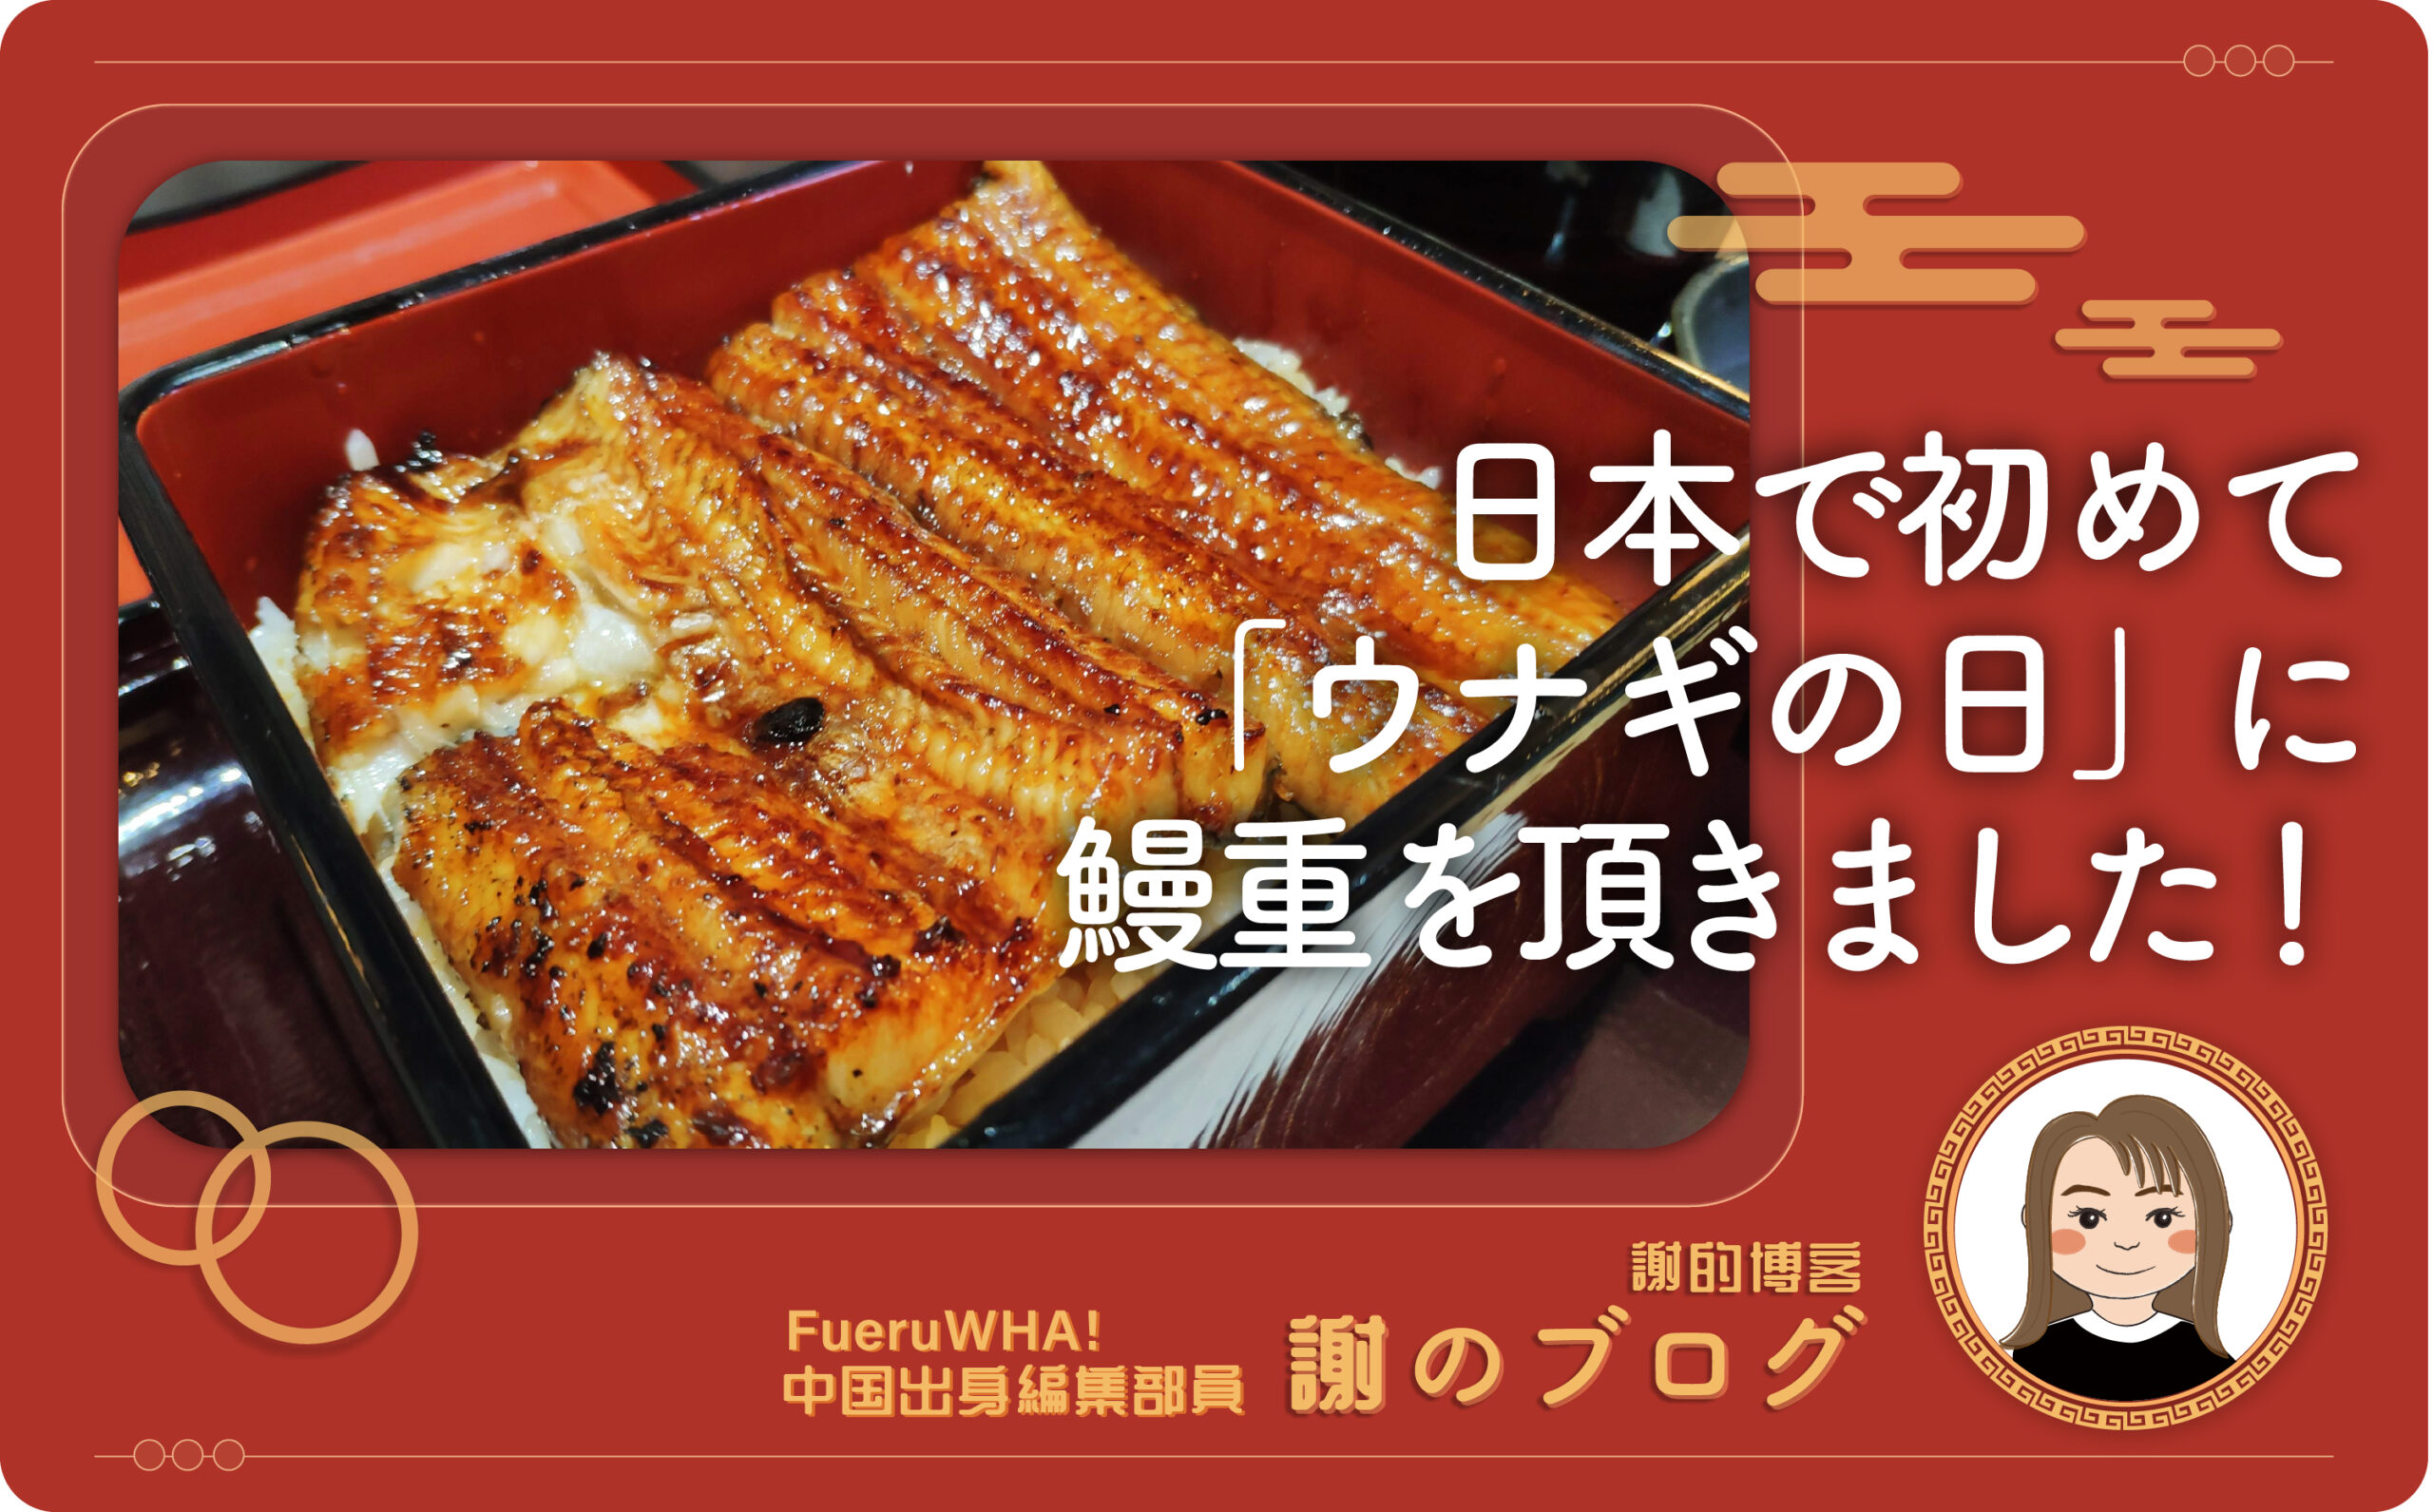 日本で初めて「ウナギの日」に鰻重をいただきました!